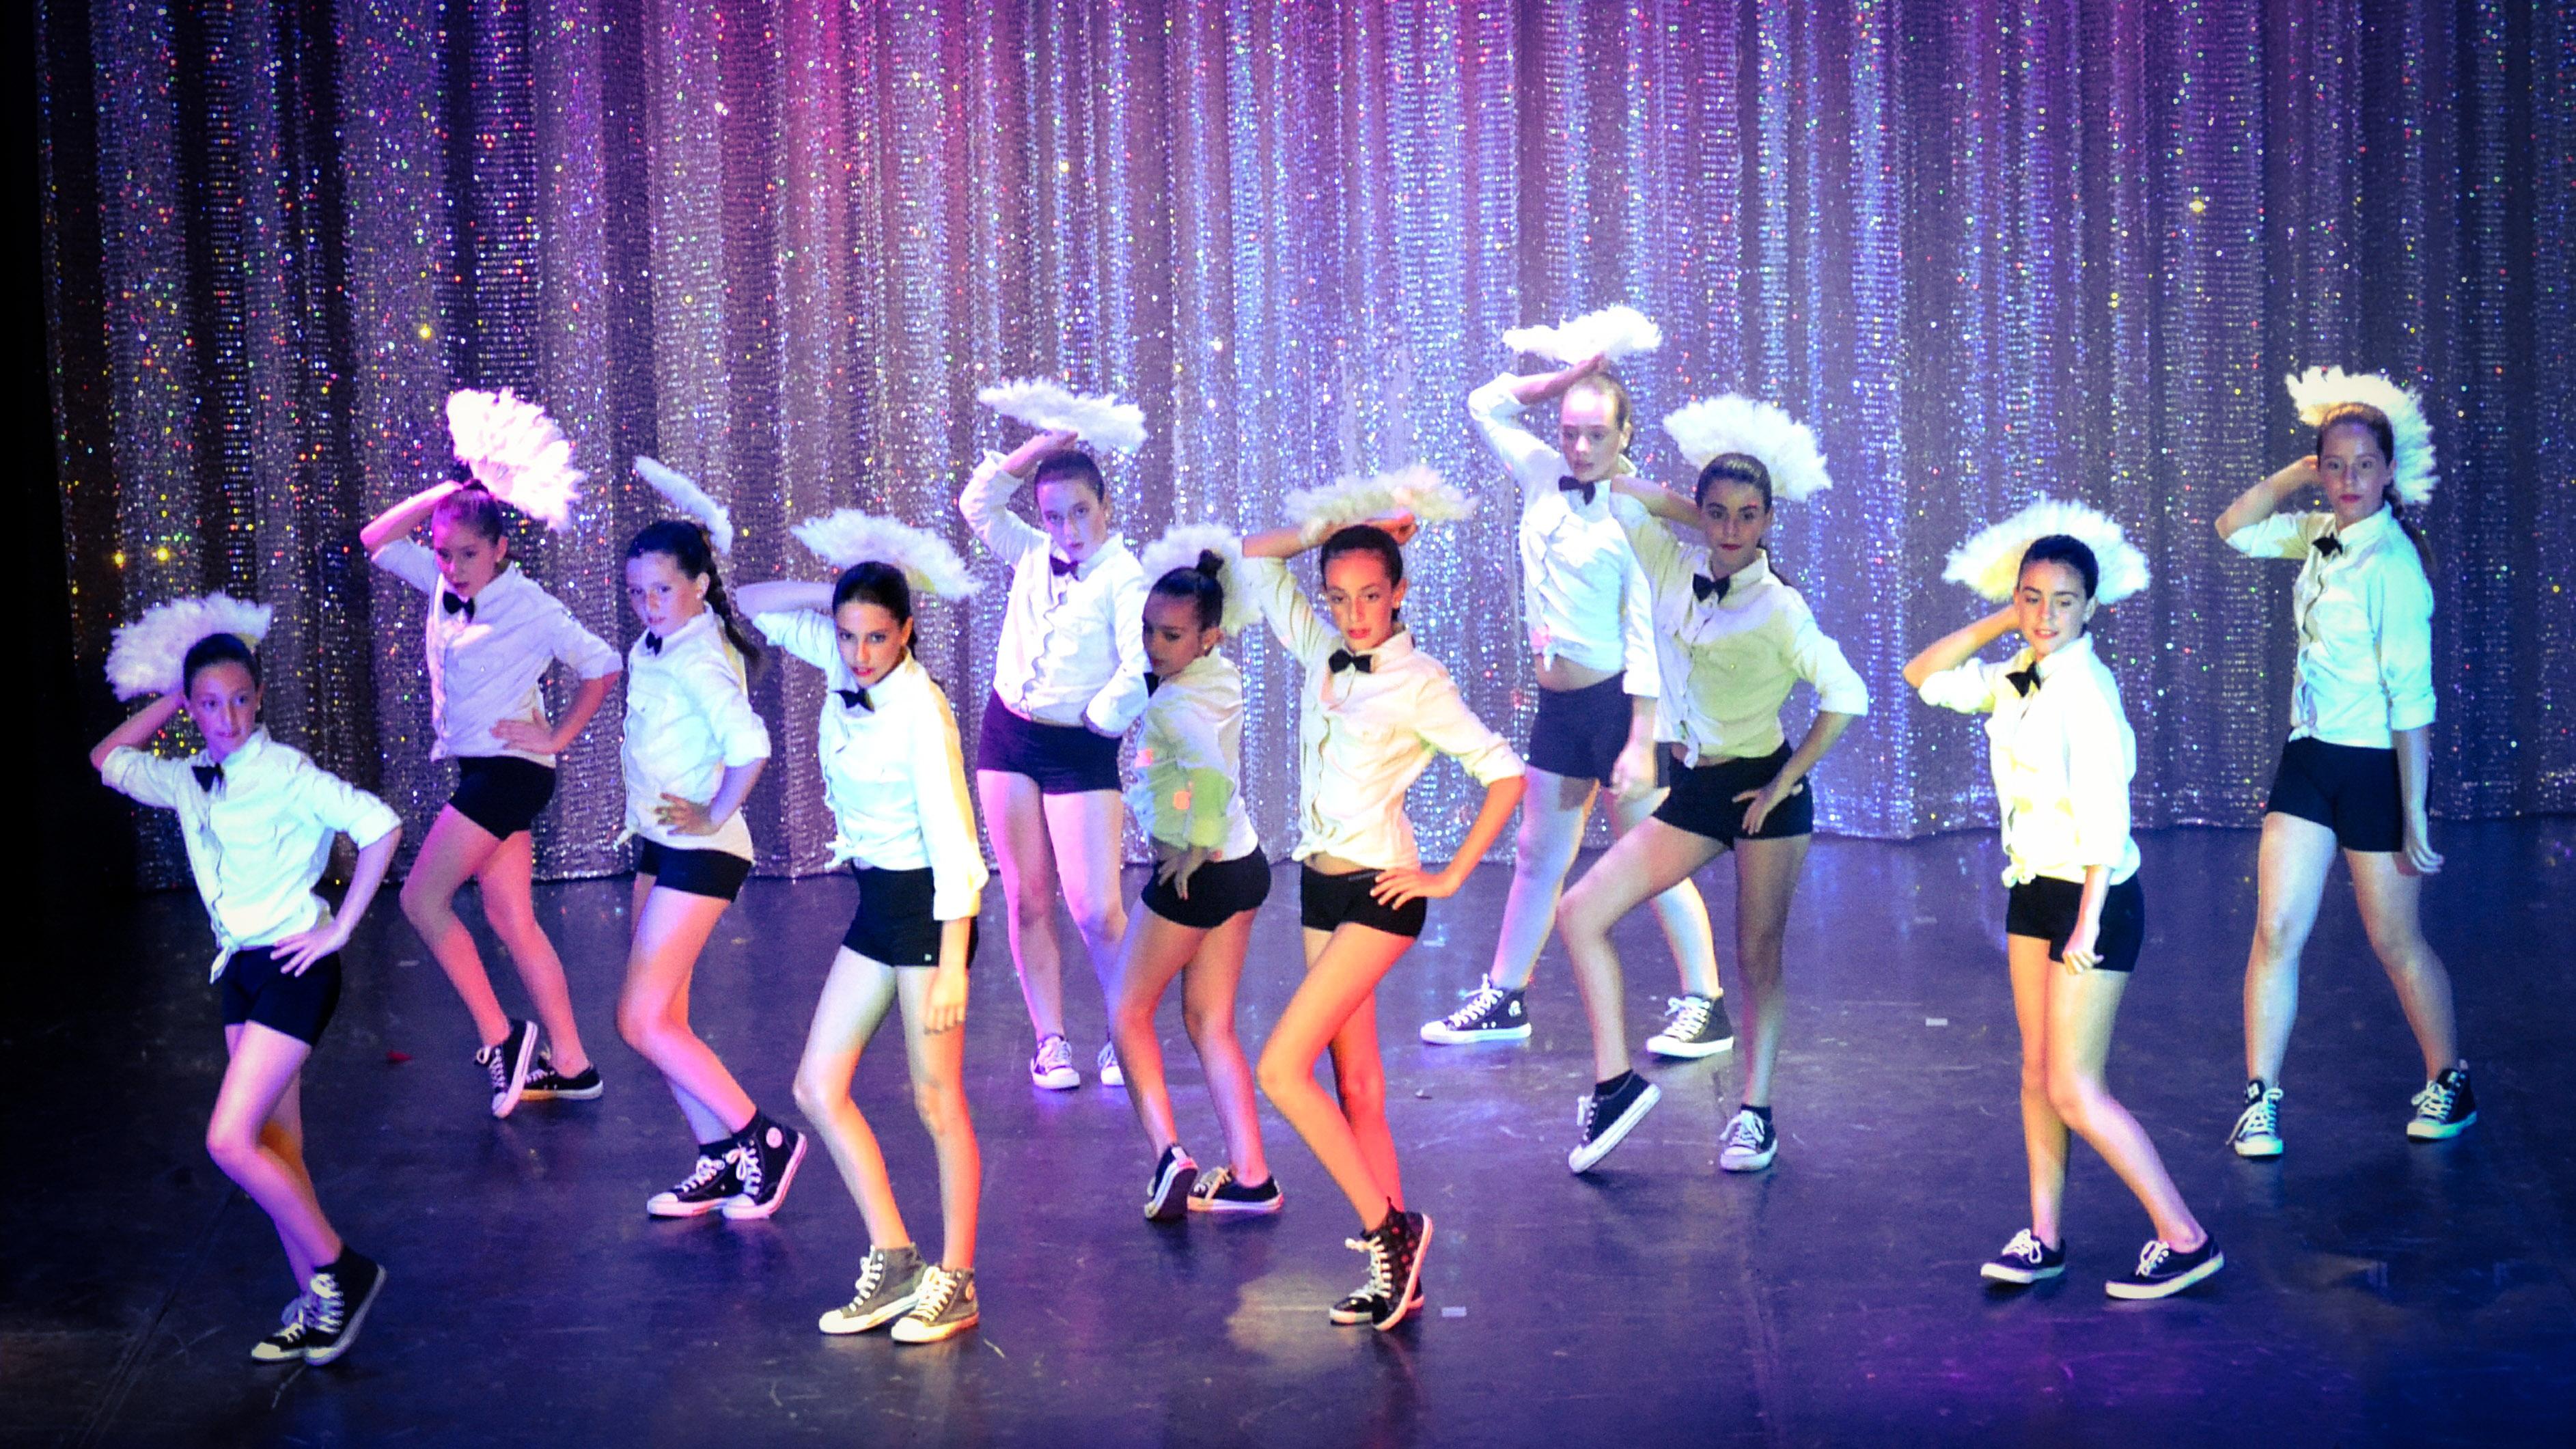 Linea-de-Baile-festival-verano-2015-clases-de-baile-valencia-175